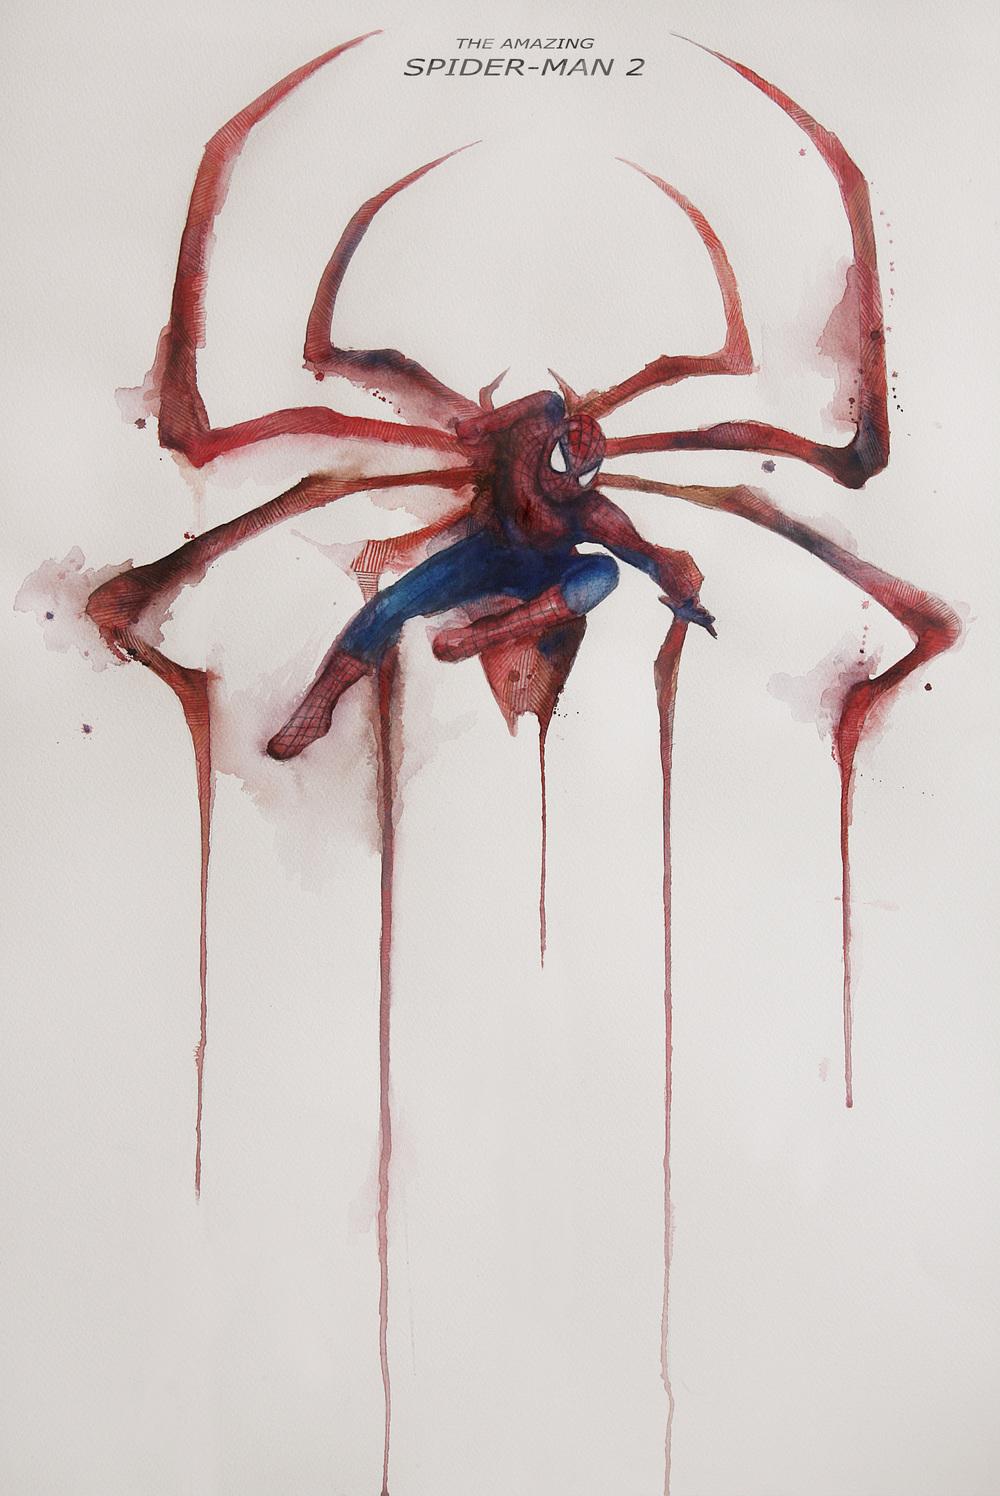 Drawn pencil spider Drawn added was A1 on